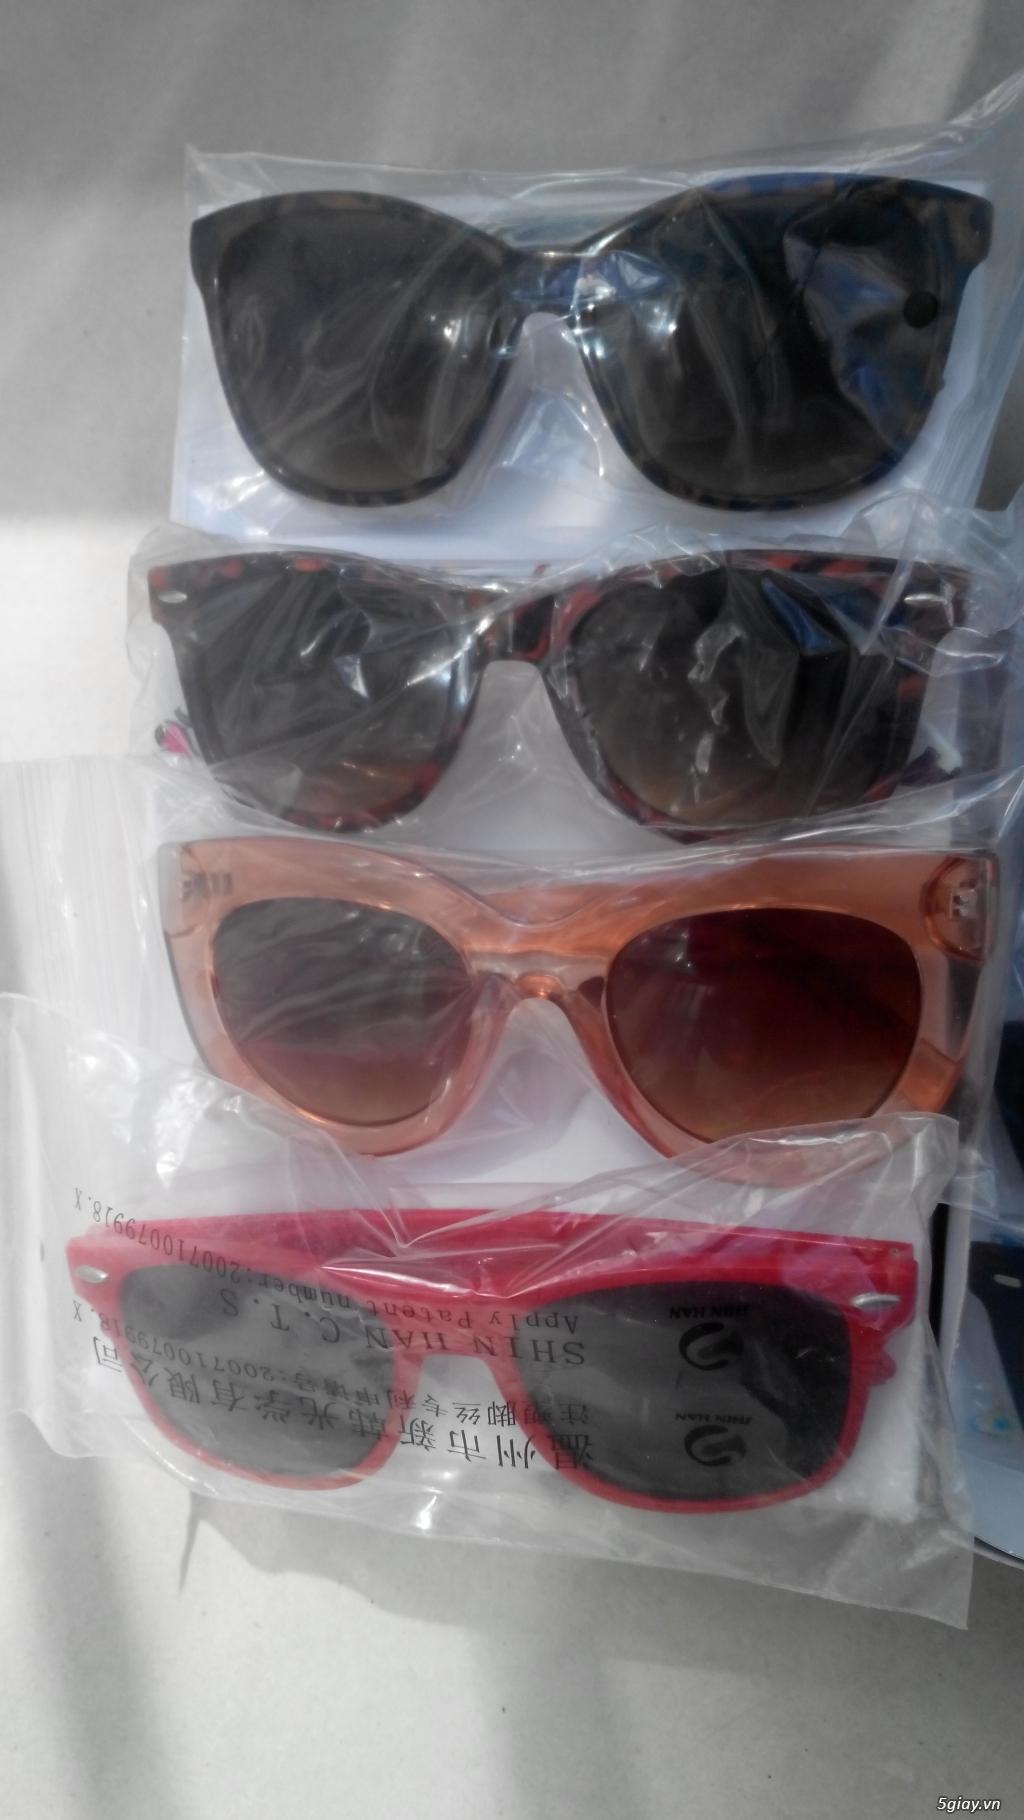 nguồn hàng mắt kính  để chuyên bán ở chợ , chợ đêm, hội chợ, Shop